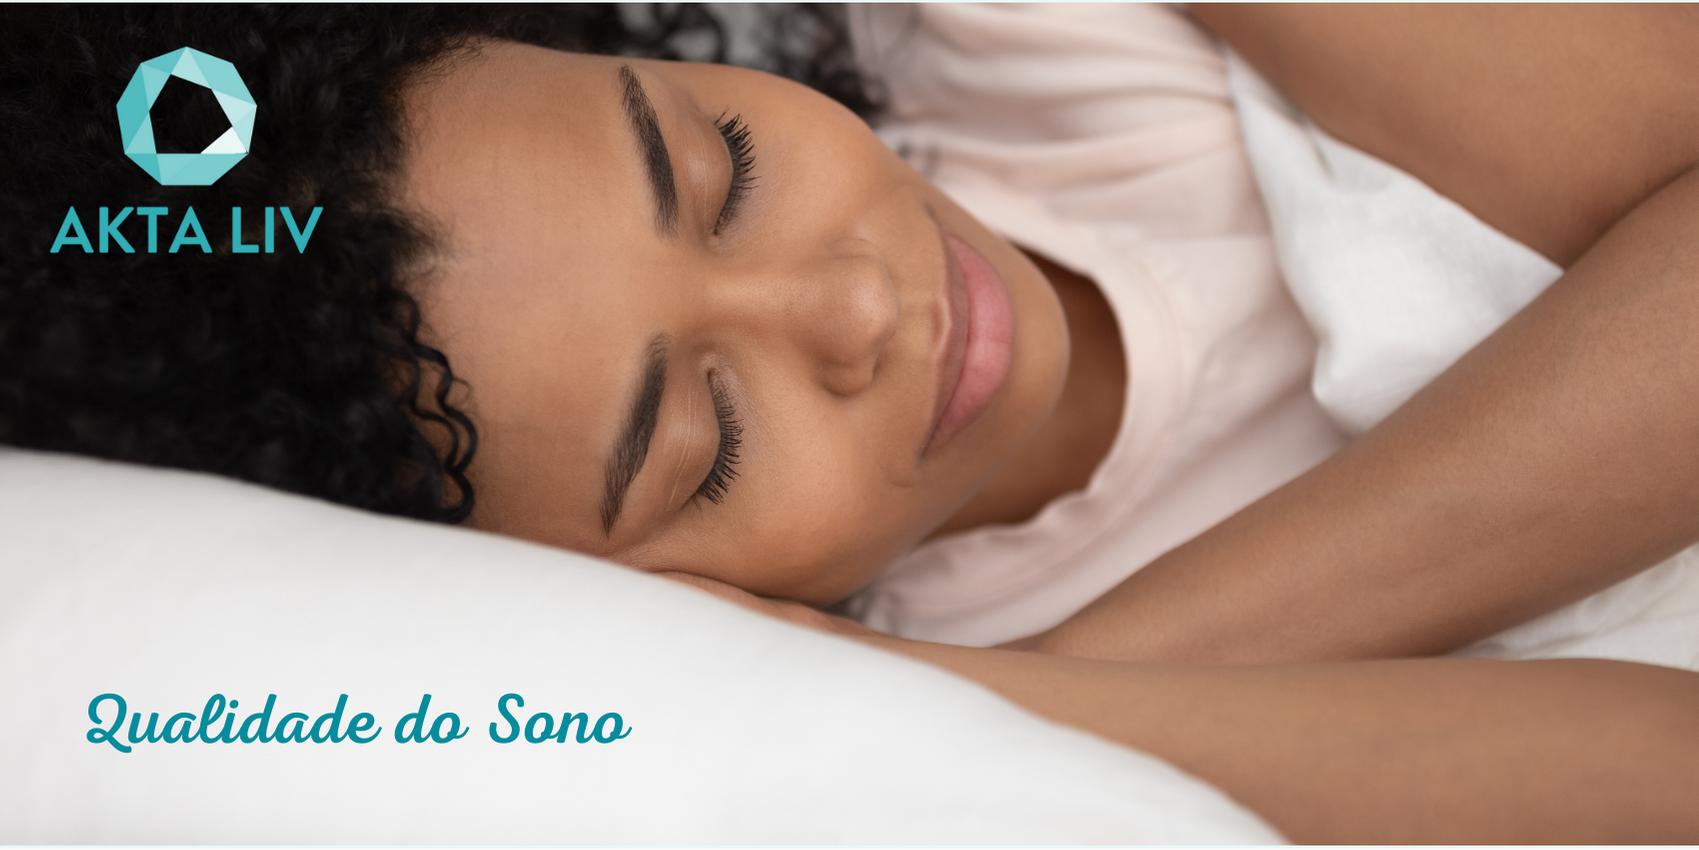 AKTA-Liv-Nutrição-Qualidade-do-sono-Blog